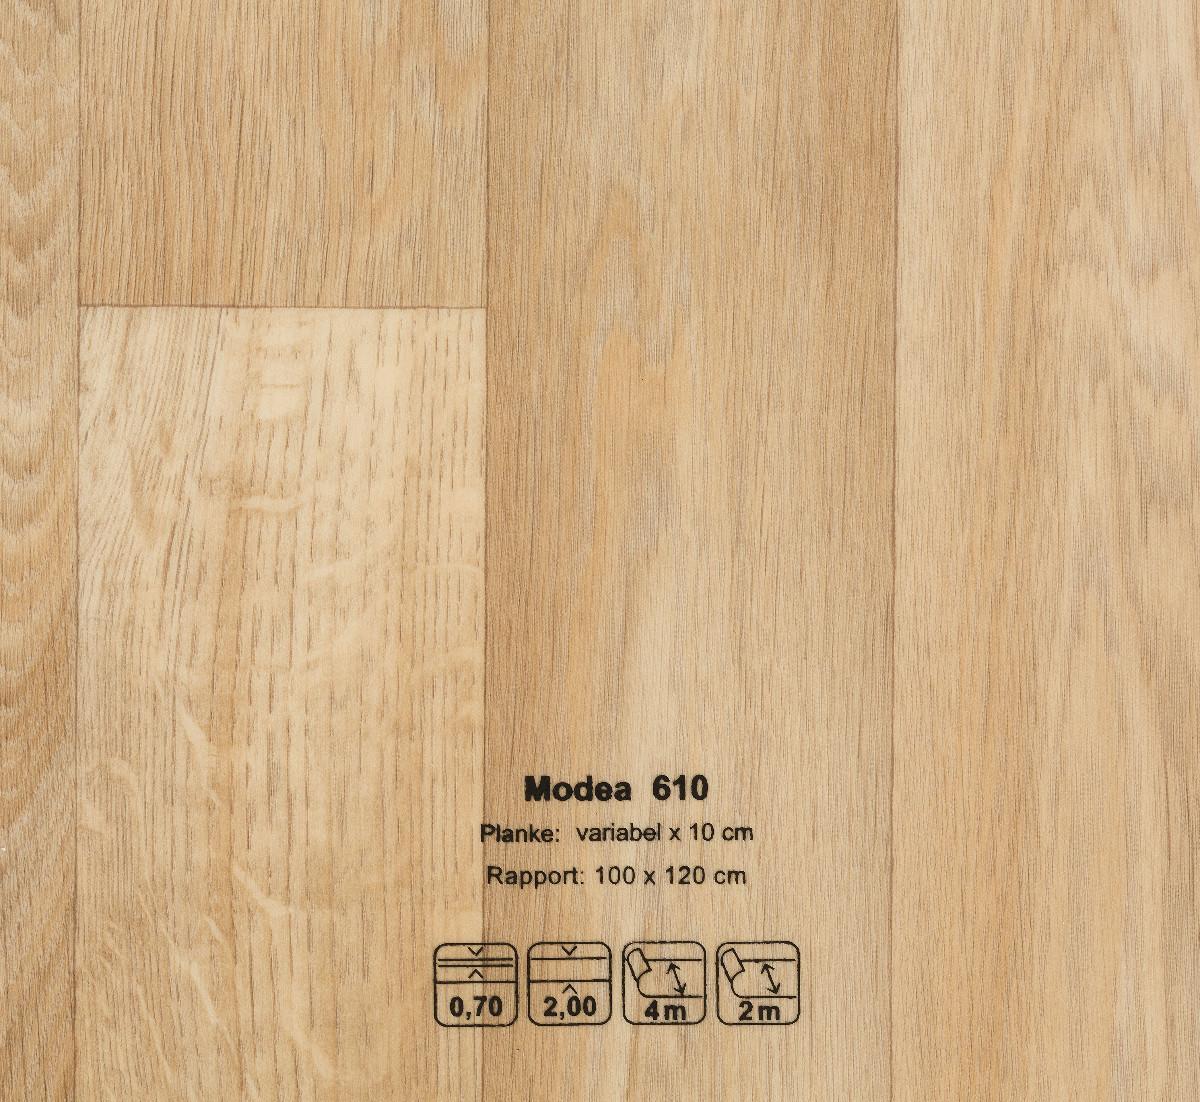 modea cv belag 400cm cv wohnbau objekta19 dess 610. Black Bedroom Furniture Sets. Home Design Ideas